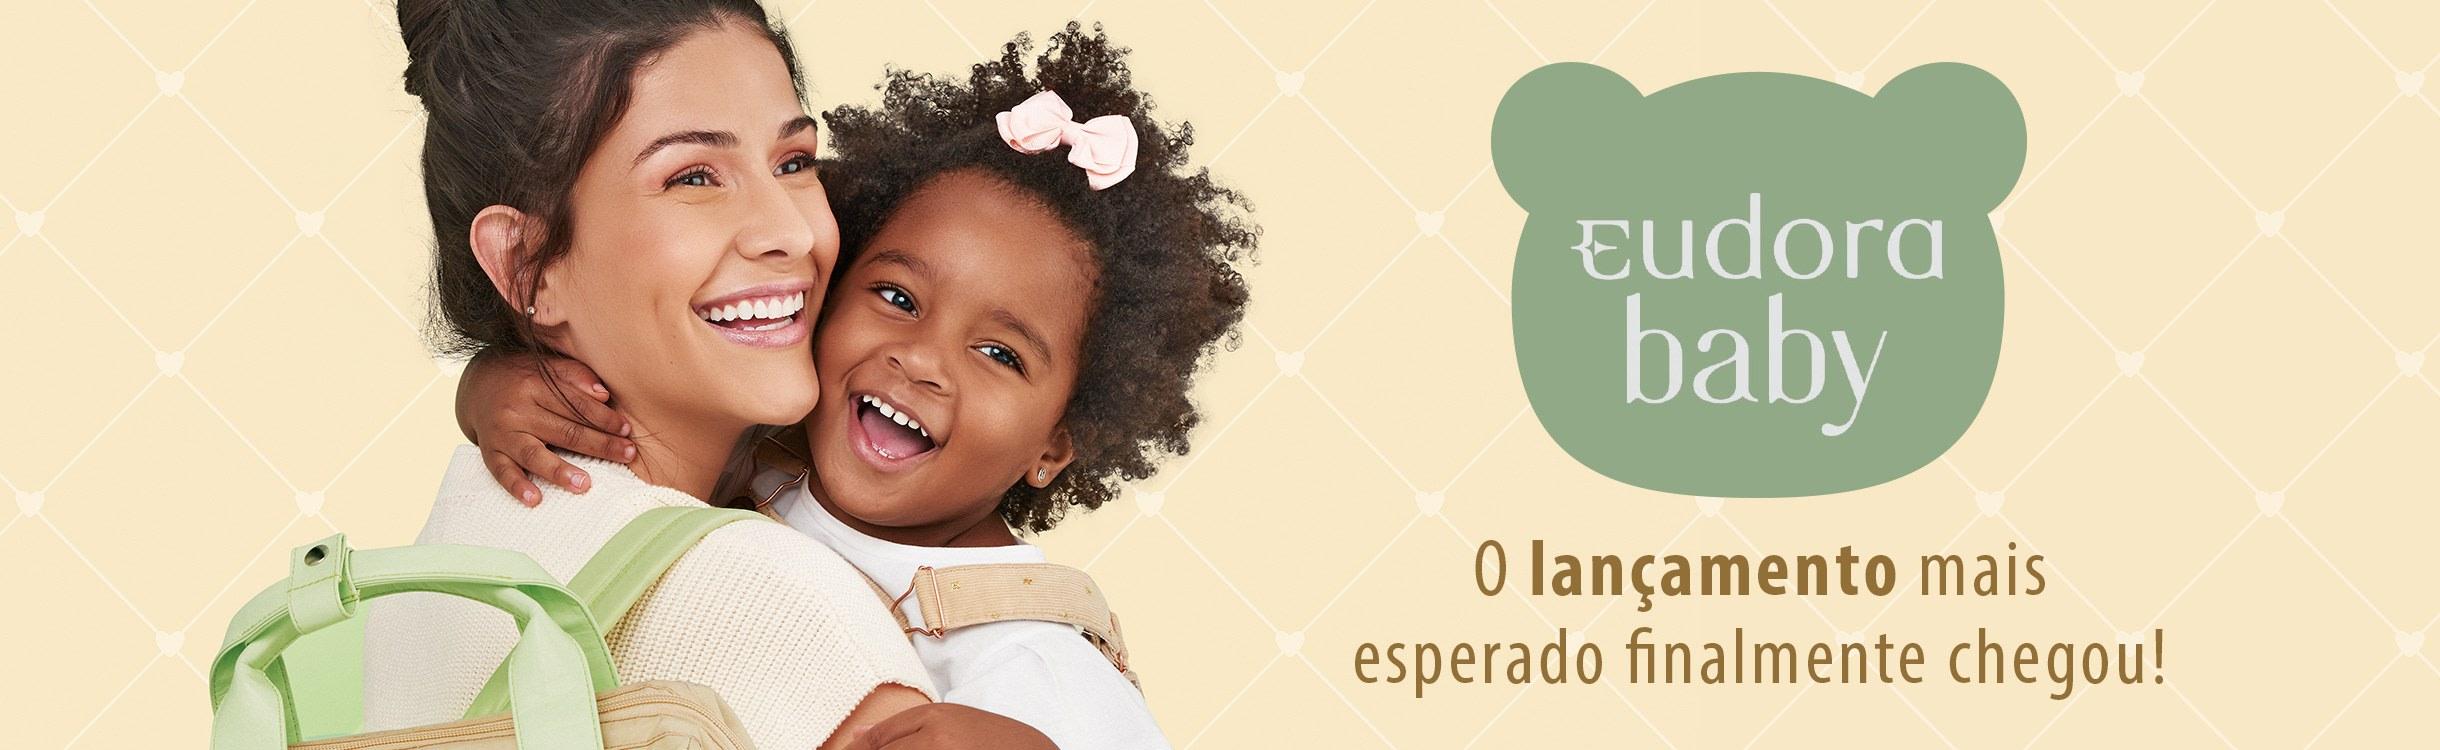 Eudora Baby/Cuidados para Pele/Kits de Tratamento